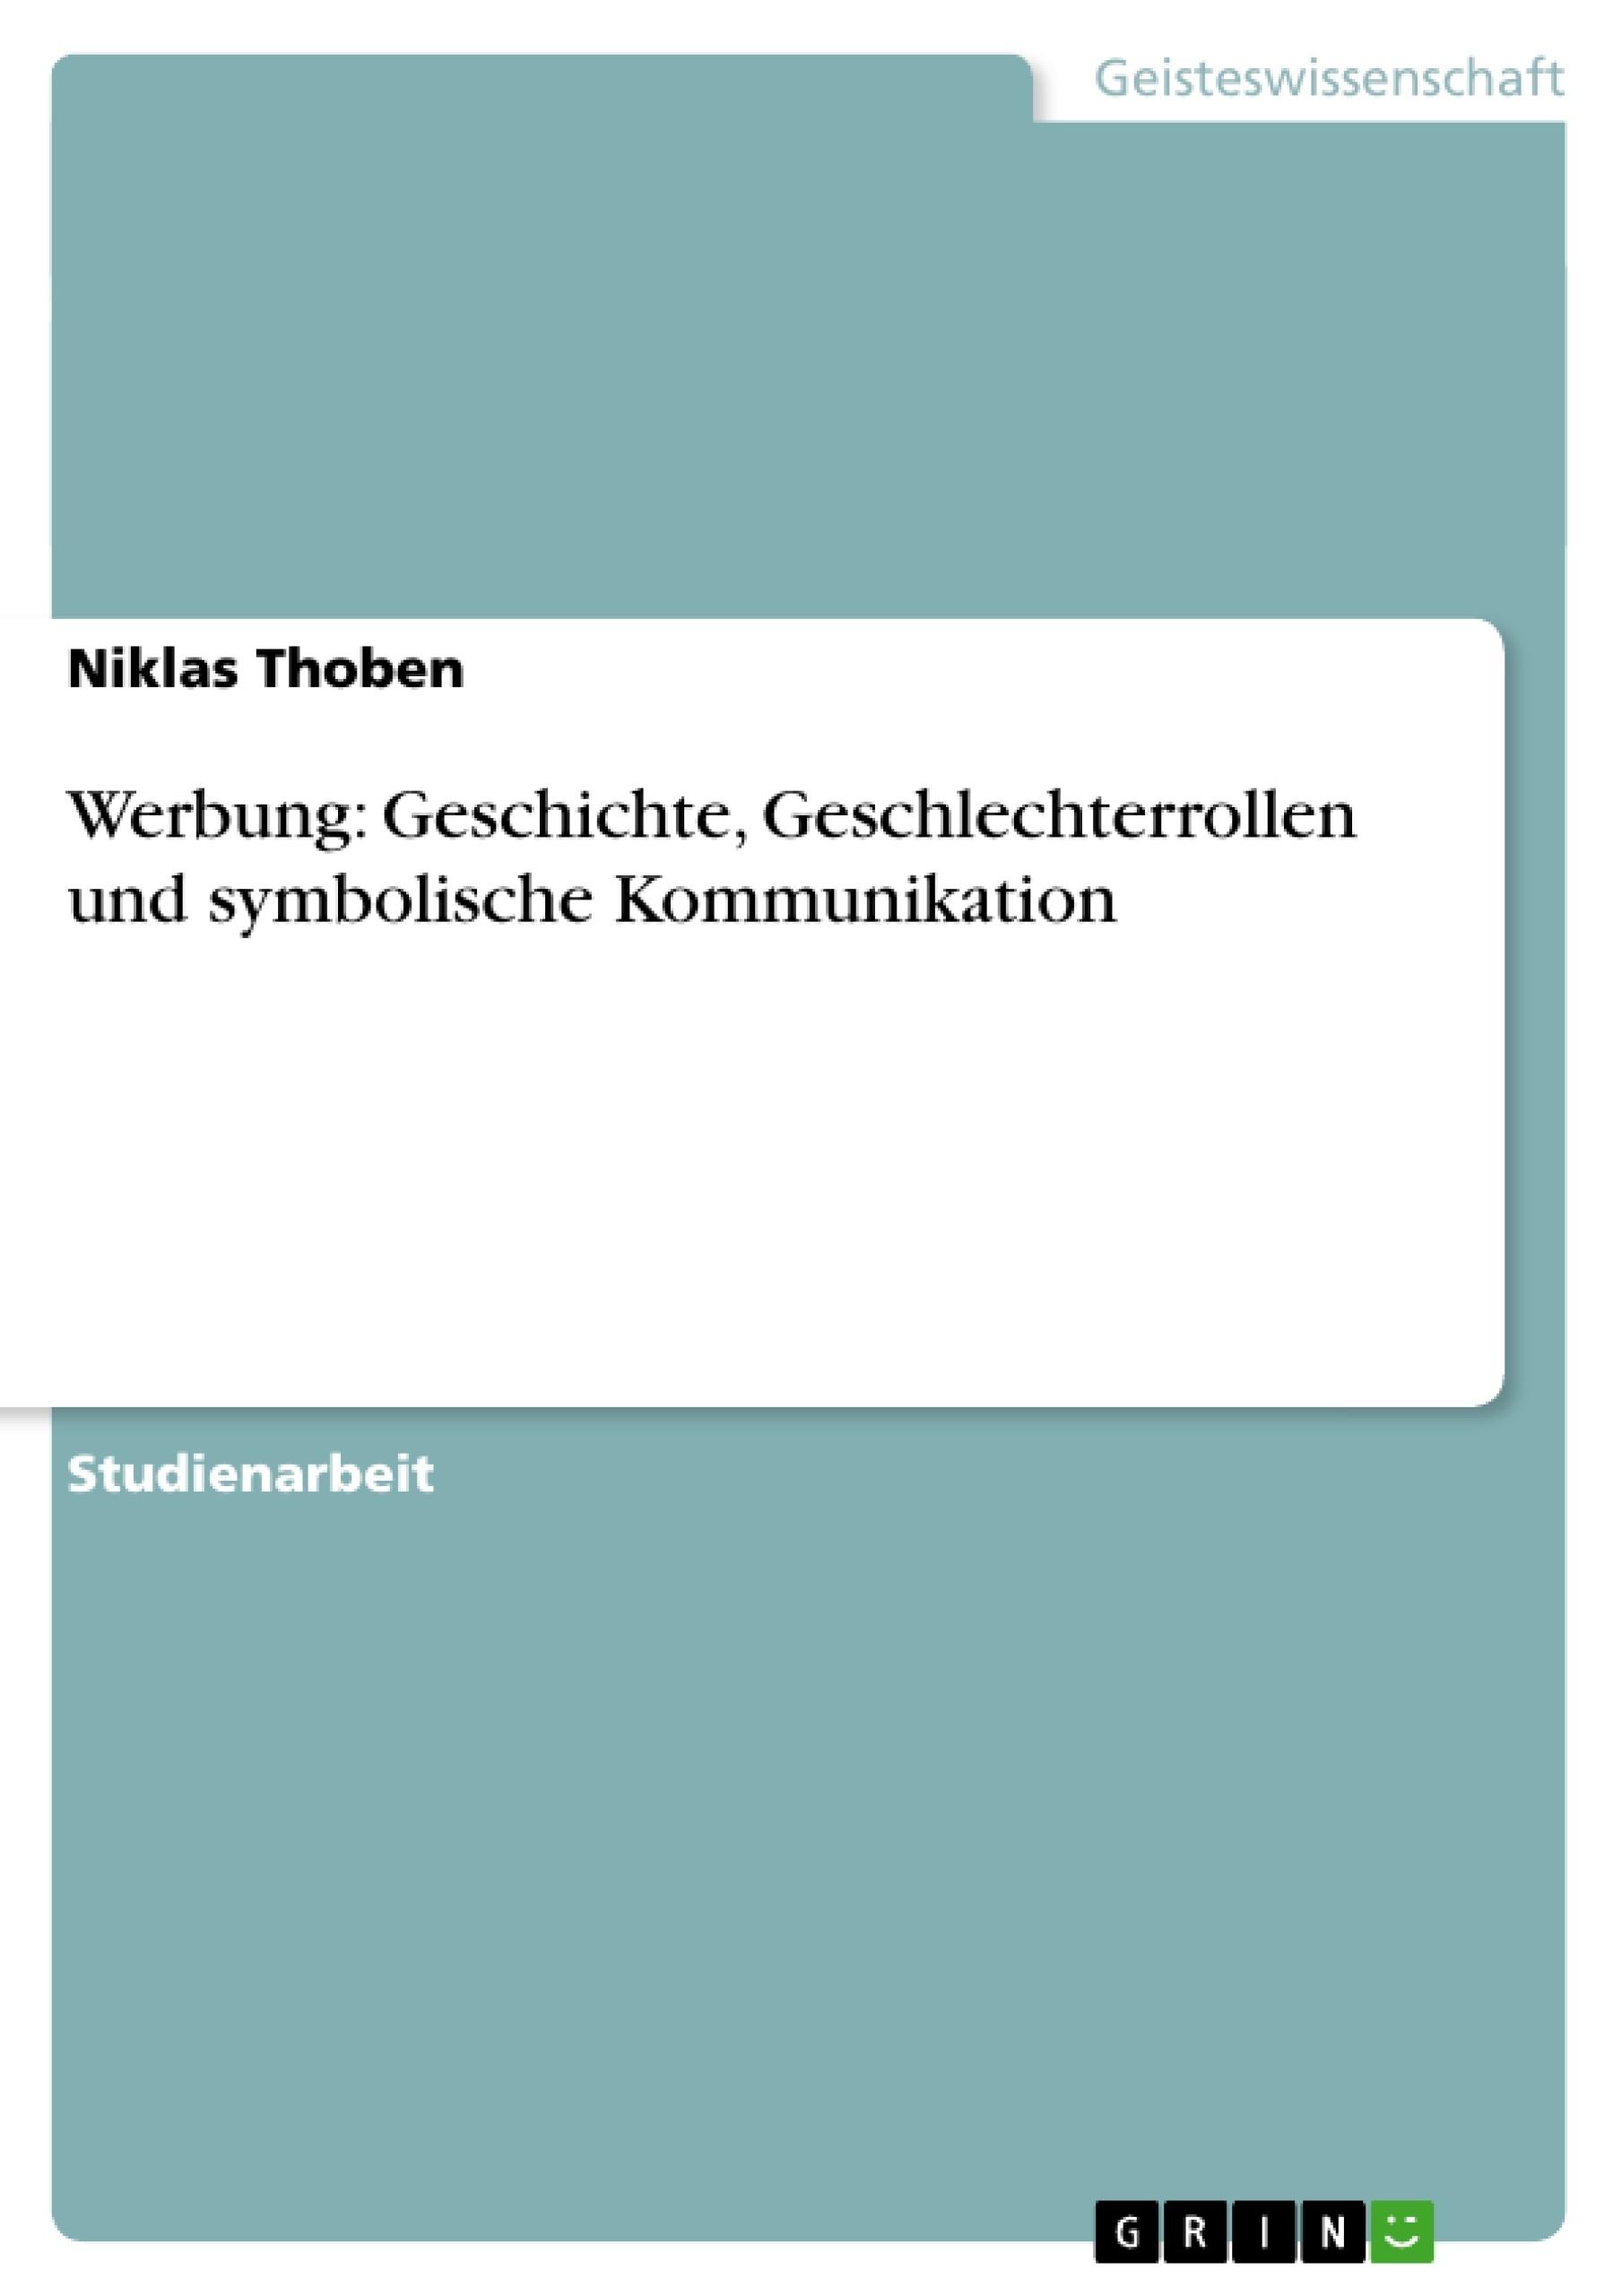 Titel: Werbung: Geschichte, Geschlechterrollen und symbolische Kommunikation